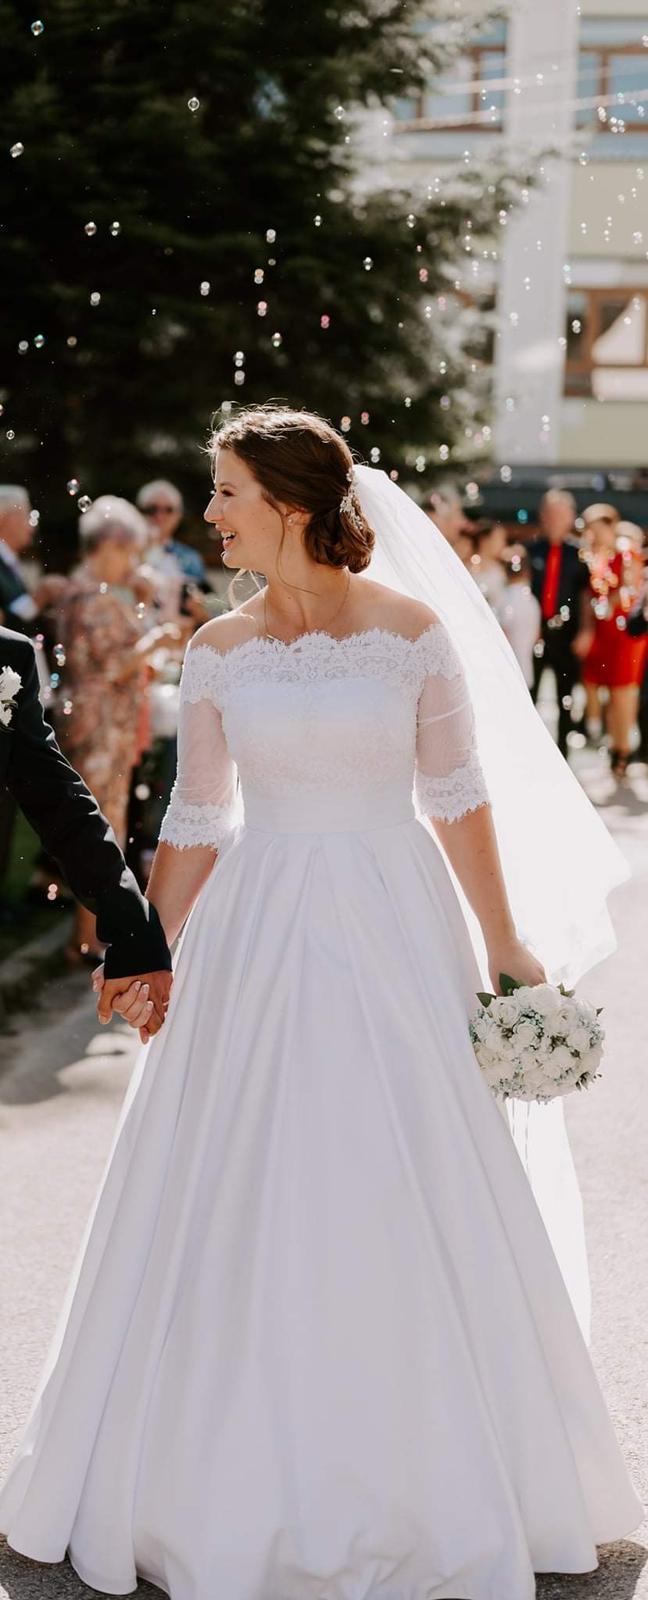 Svatební šaty, bílé, velikost 40, 3/4 rukáv - Obrázek č. 1